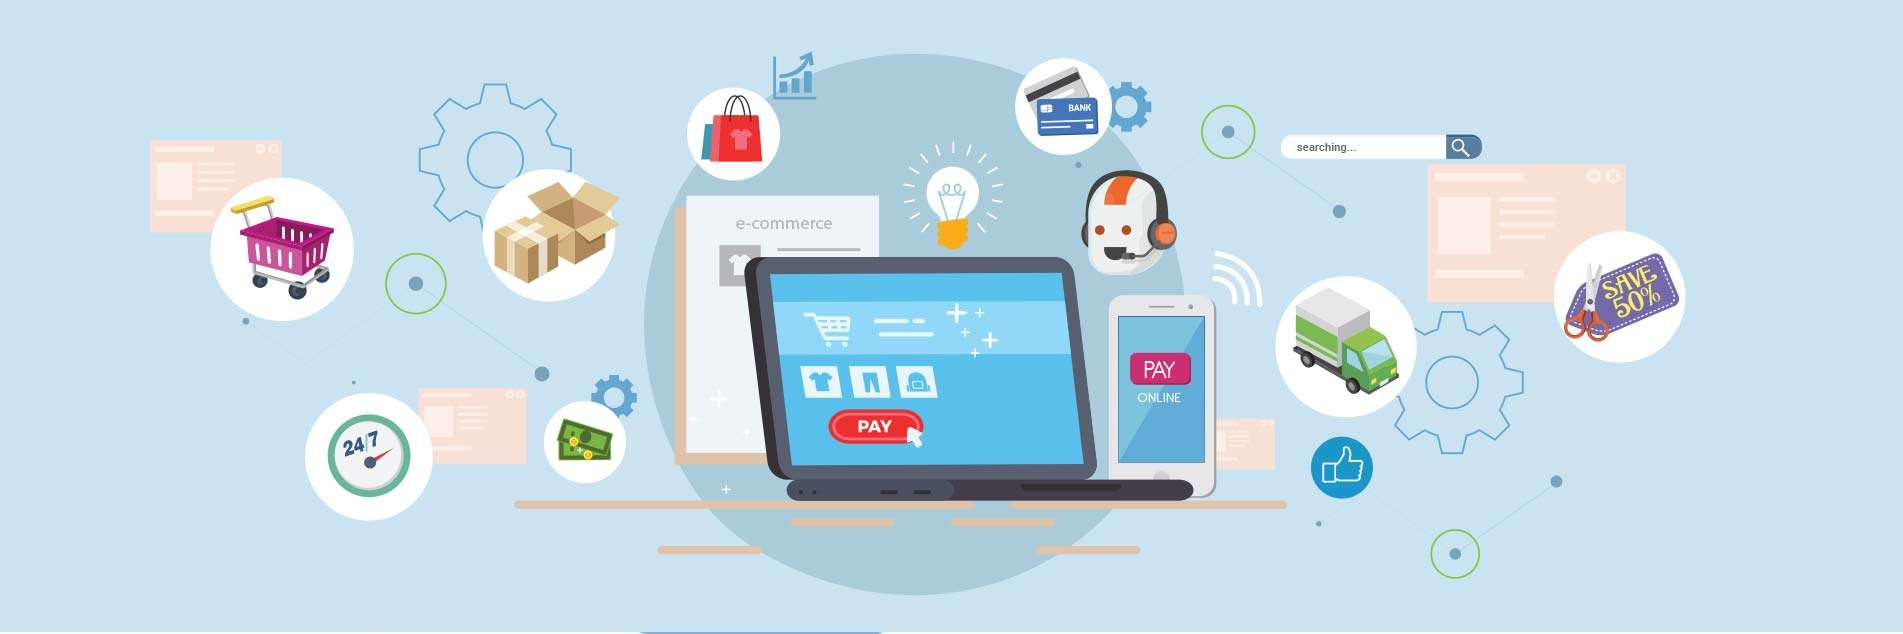 E-commerce di successo: i nuovi trend per la tua strategia di marketing